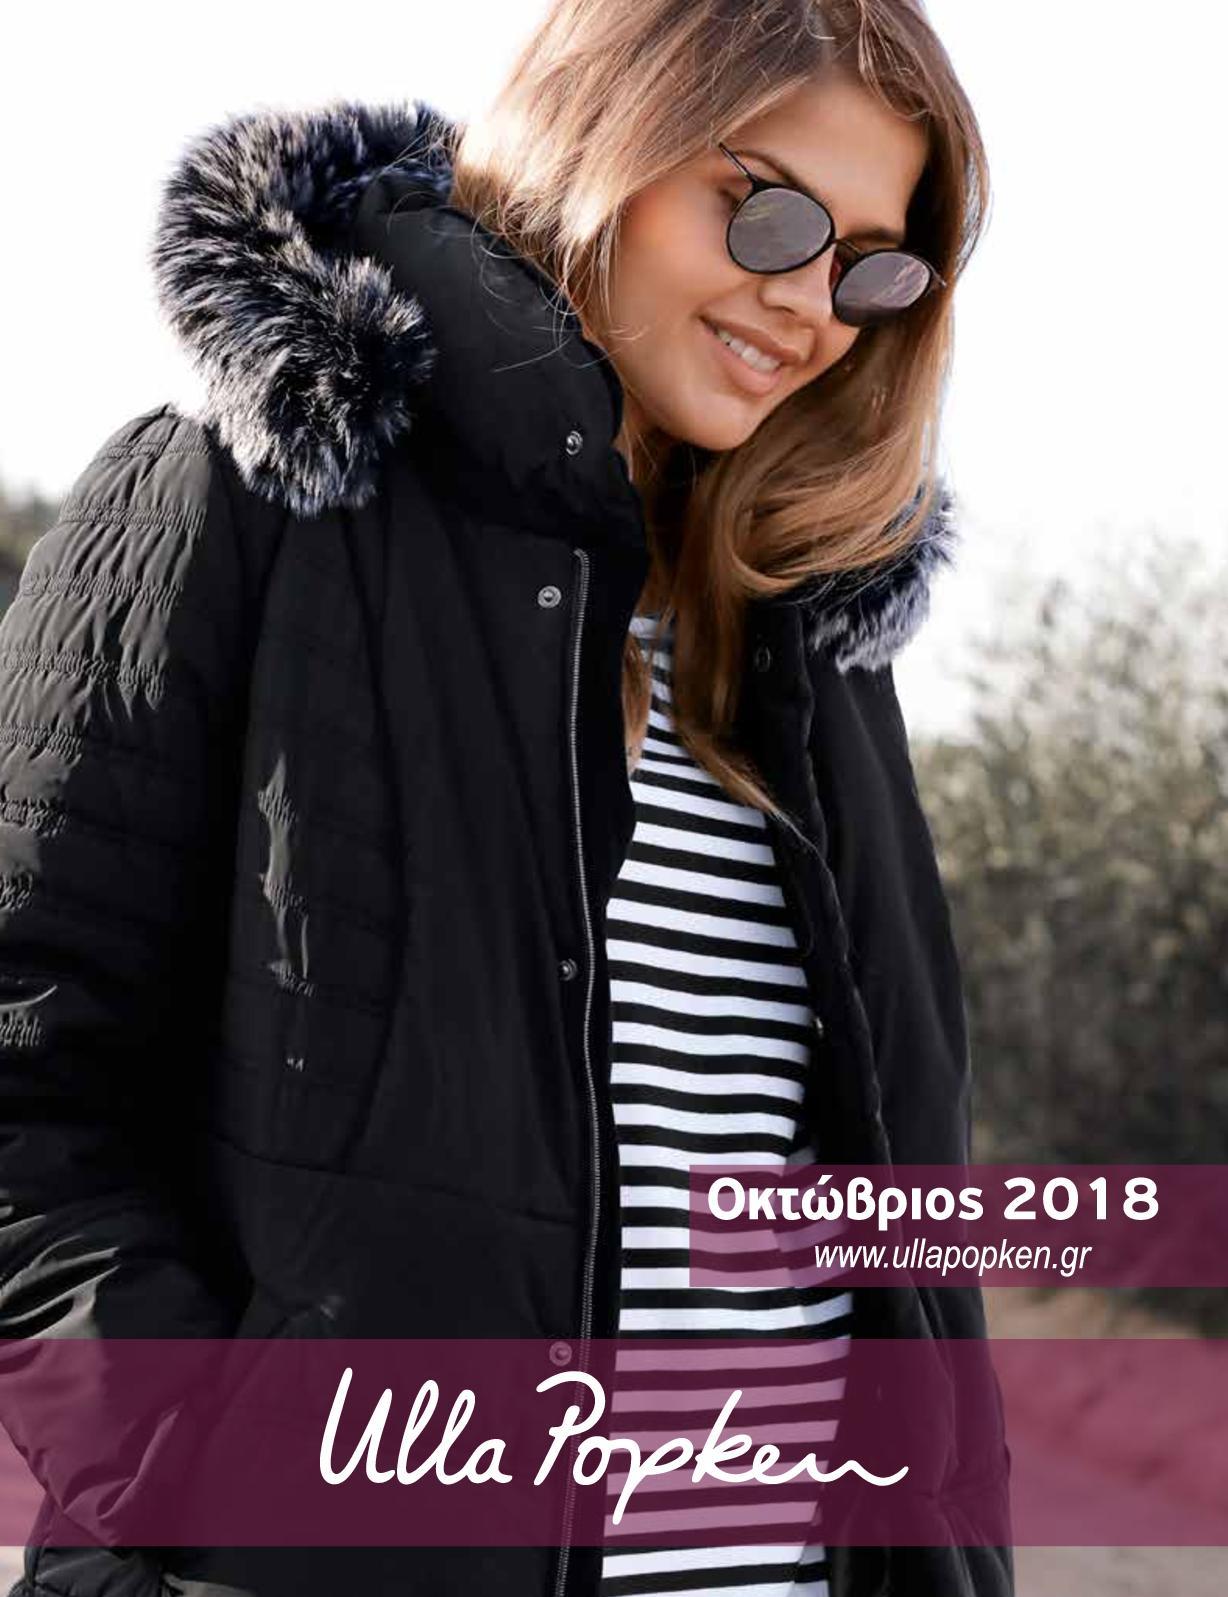 6b19f1119528 Calaméo - Ulla Popken October 2018